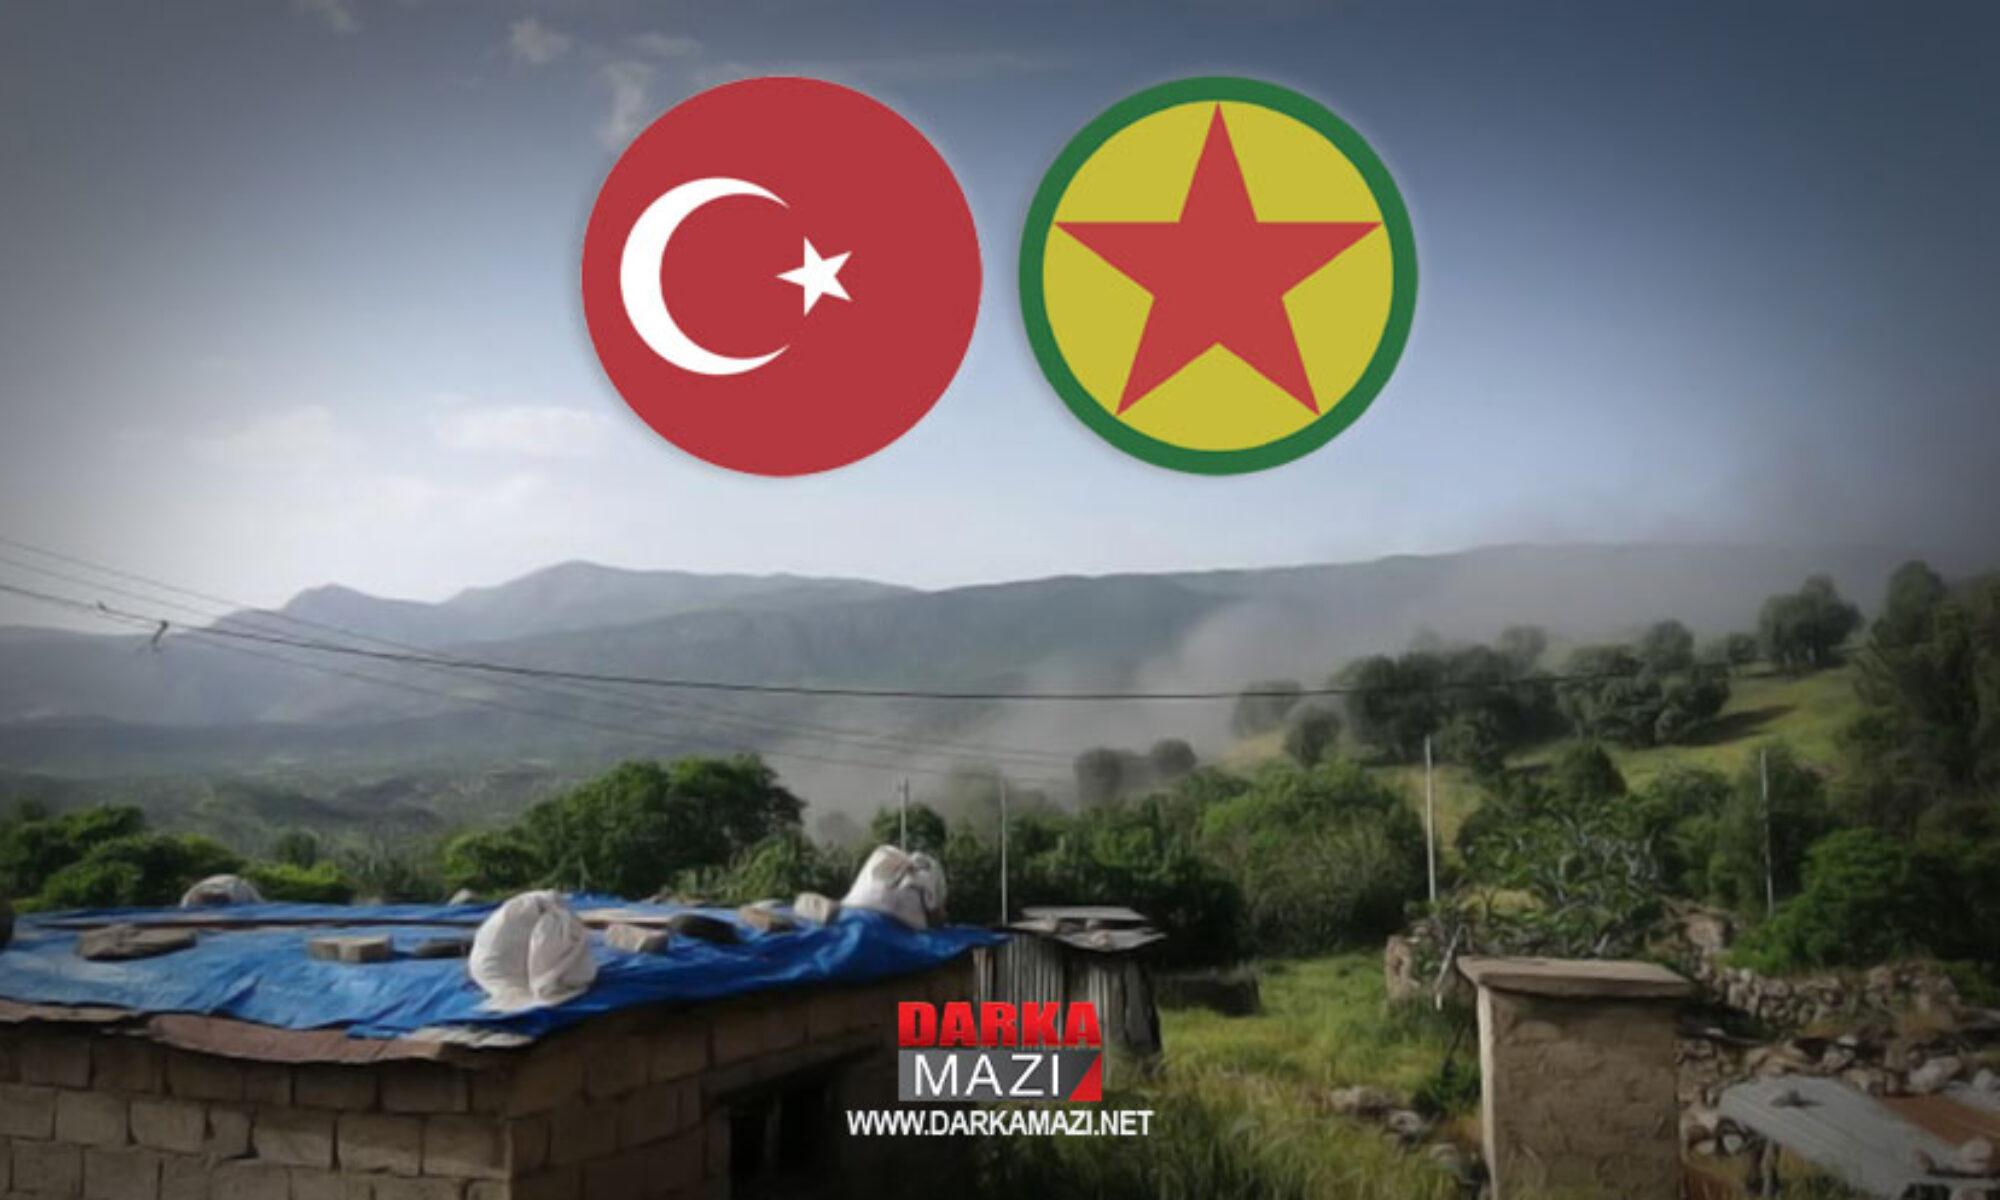 TSK-PKK çatışmasının bilançosu: Sadece Keste köyü bu ay içinde 1 Milyar 750 bin dinar zarara uğradı Amediye, Kani Masi, Kani Mazi, Akre, arıcılık, Sağlık ocağı